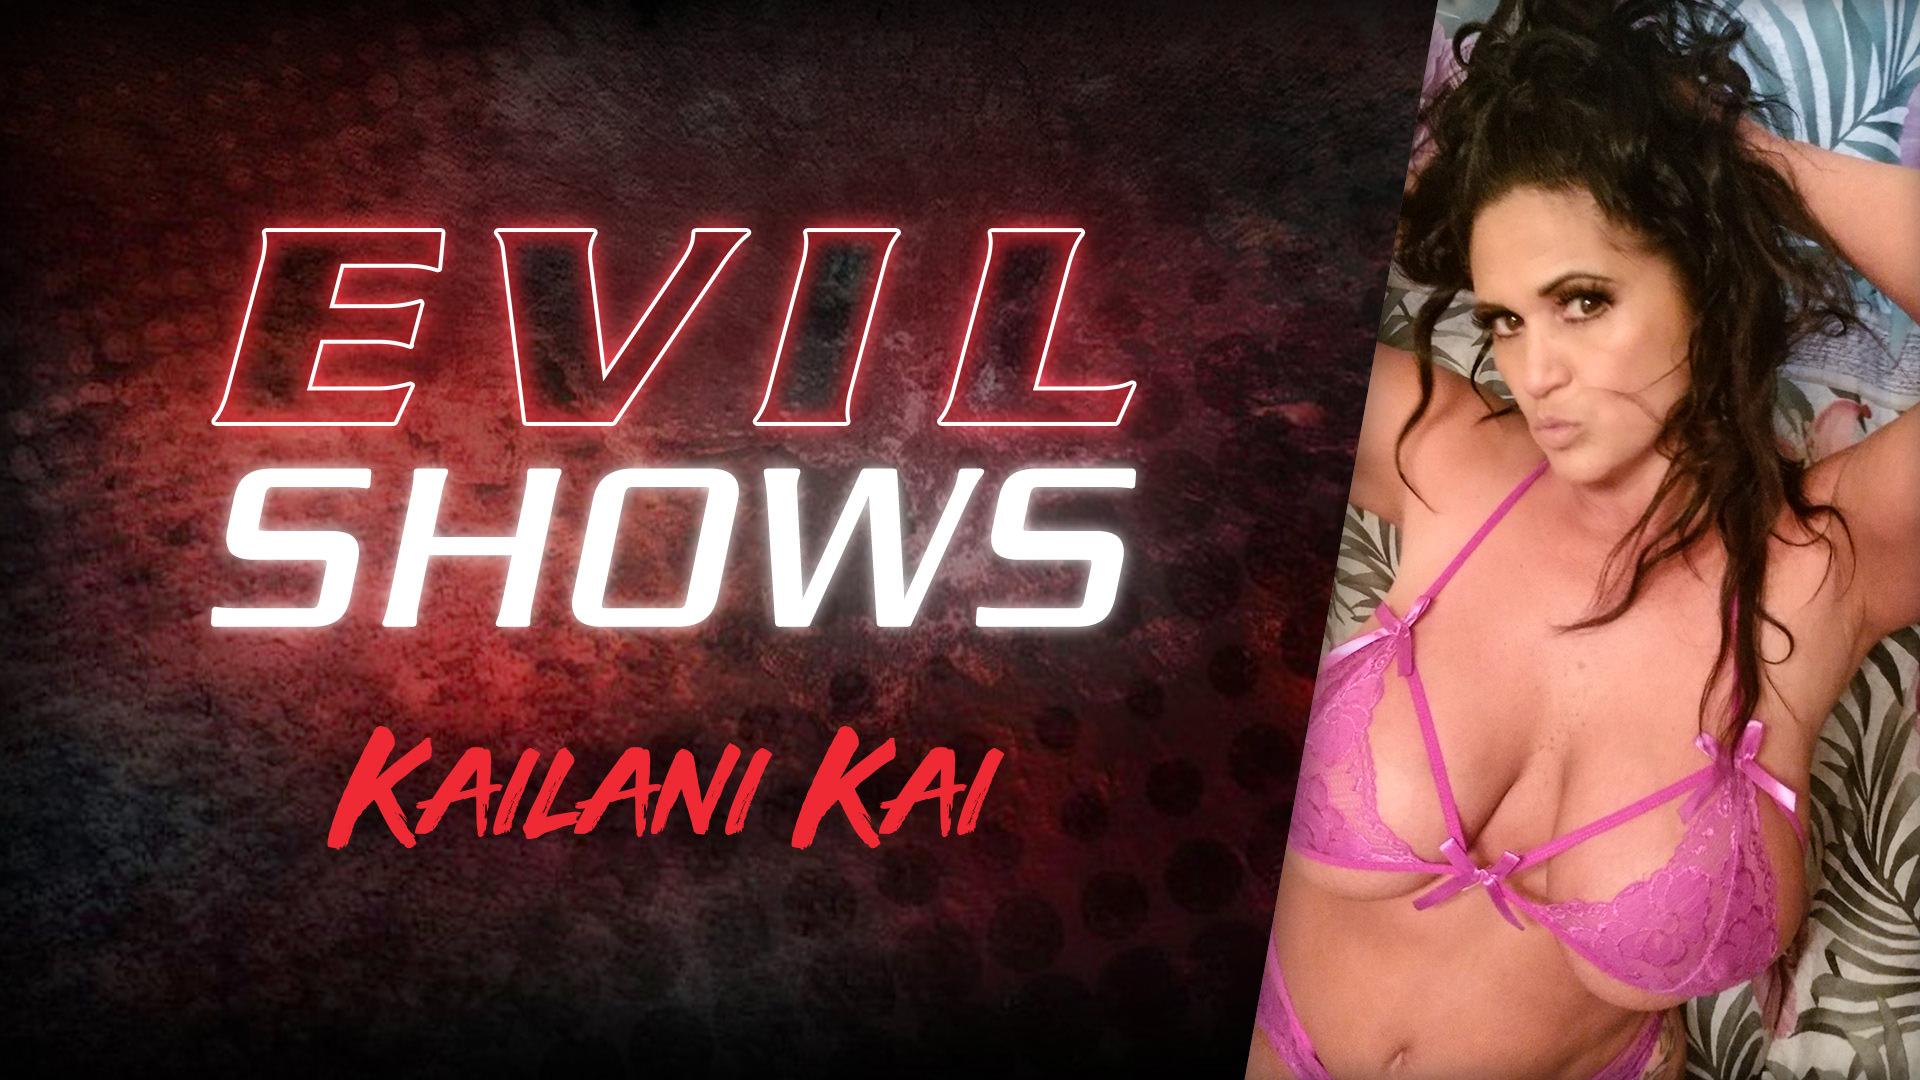 Evil Shows - Kailani Kai - Kailani Kai 1